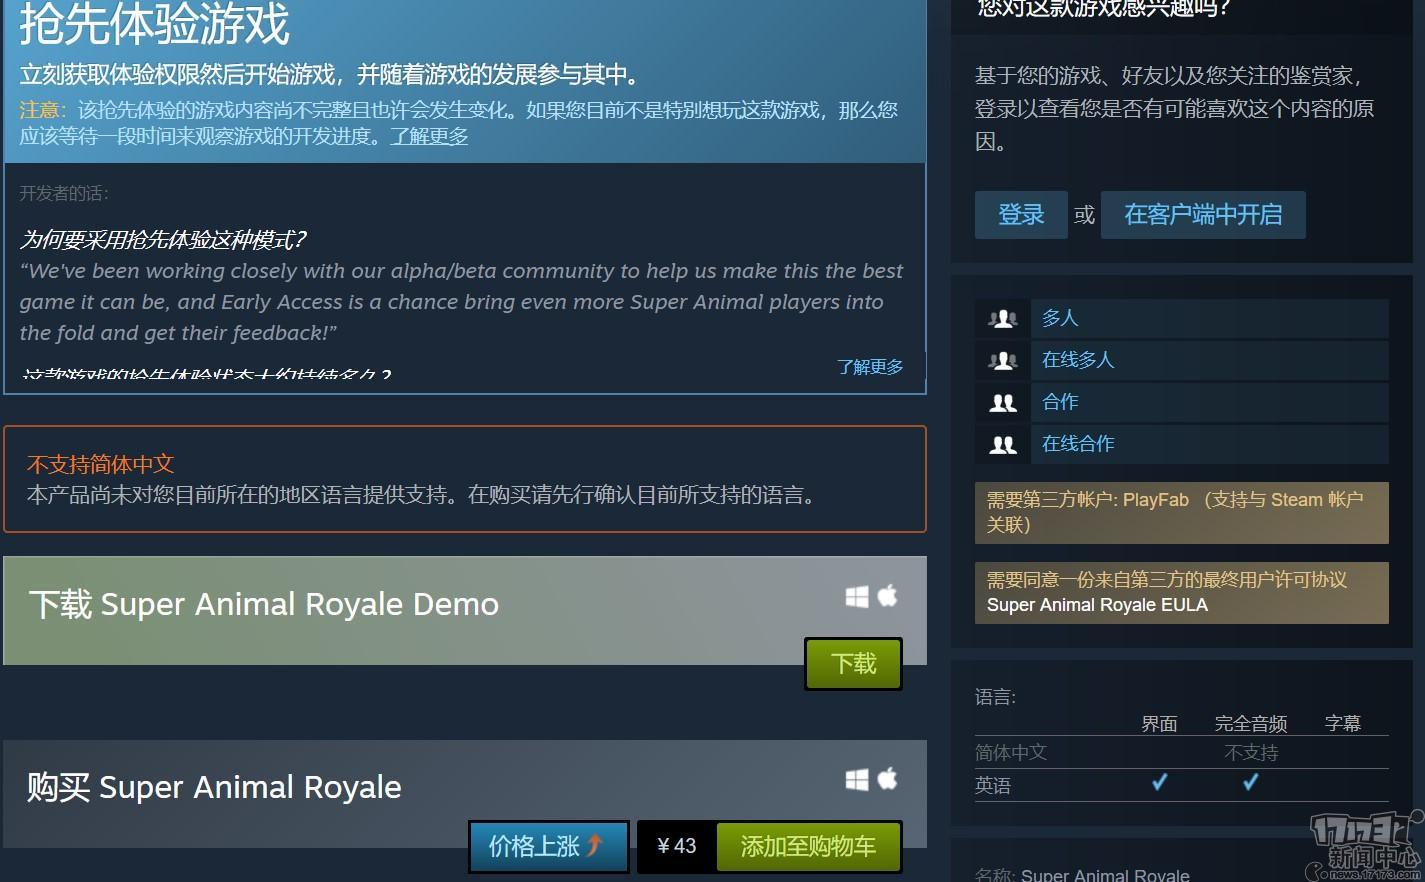 另類吃雞新作《超級動物大逃殺》推出免費試玩demo 本體售價43元